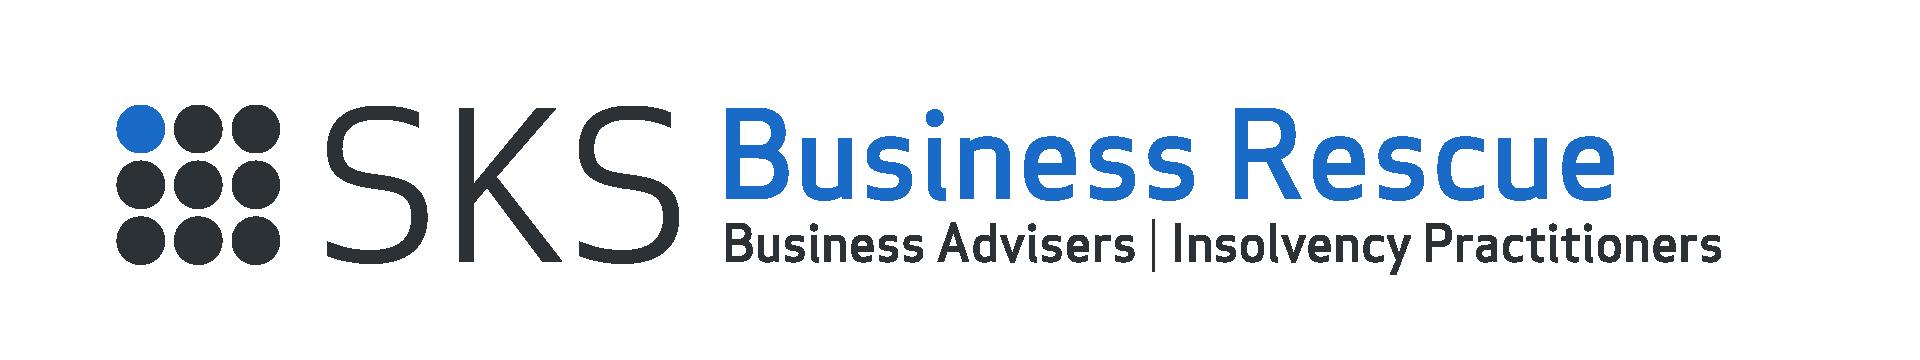 SKS_Brands_v9_SKS_Business_Rescue